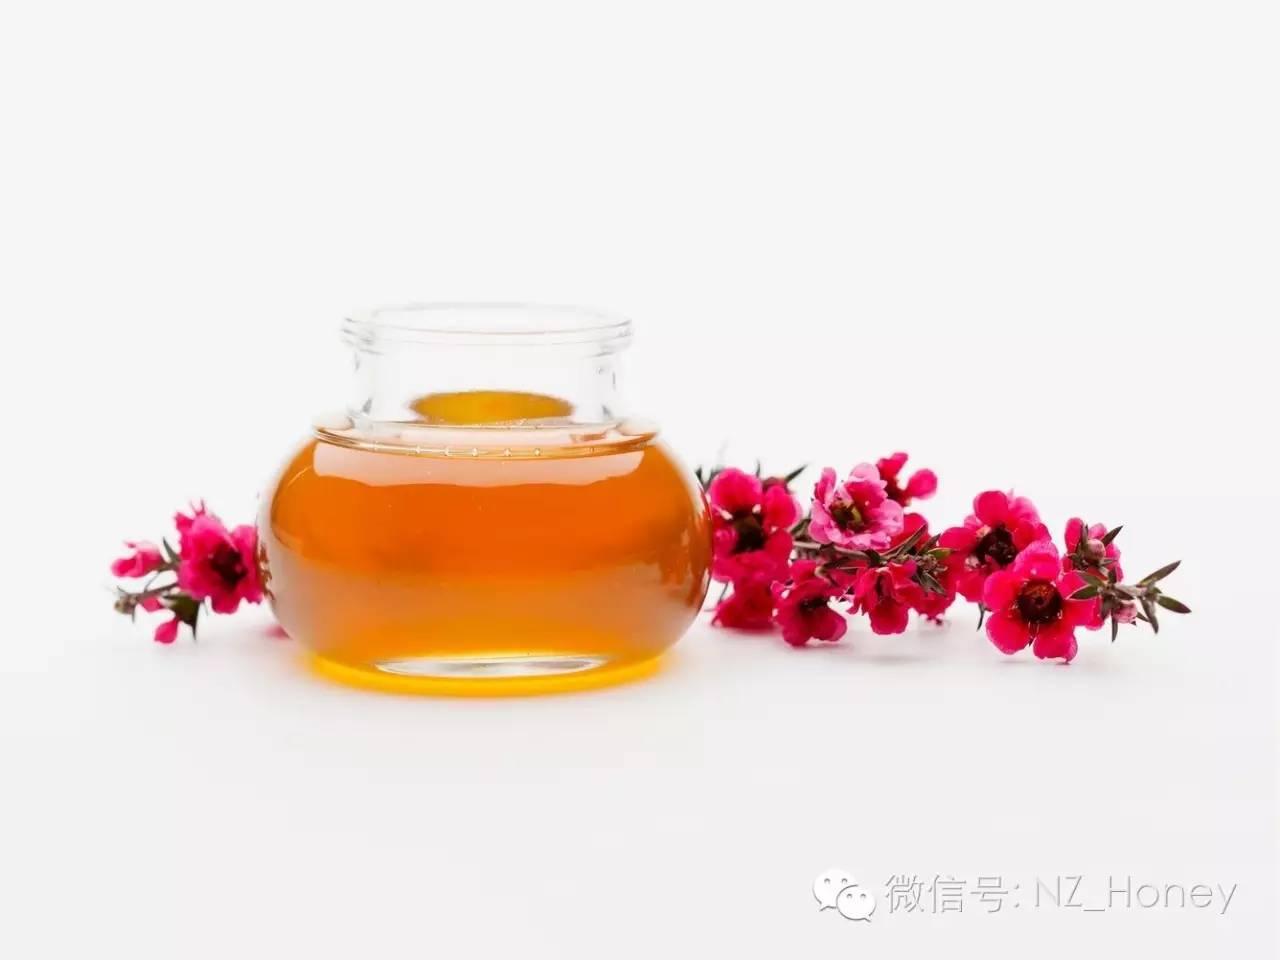 便秘什么时候喝蜂蜜好 肝硬化可以喝蜂蜜水吗 夏威夷果蜂蜜 经期可以喝蜂蜜 新加坡蜂蜜yummi爷爷吃过的蜂蜜